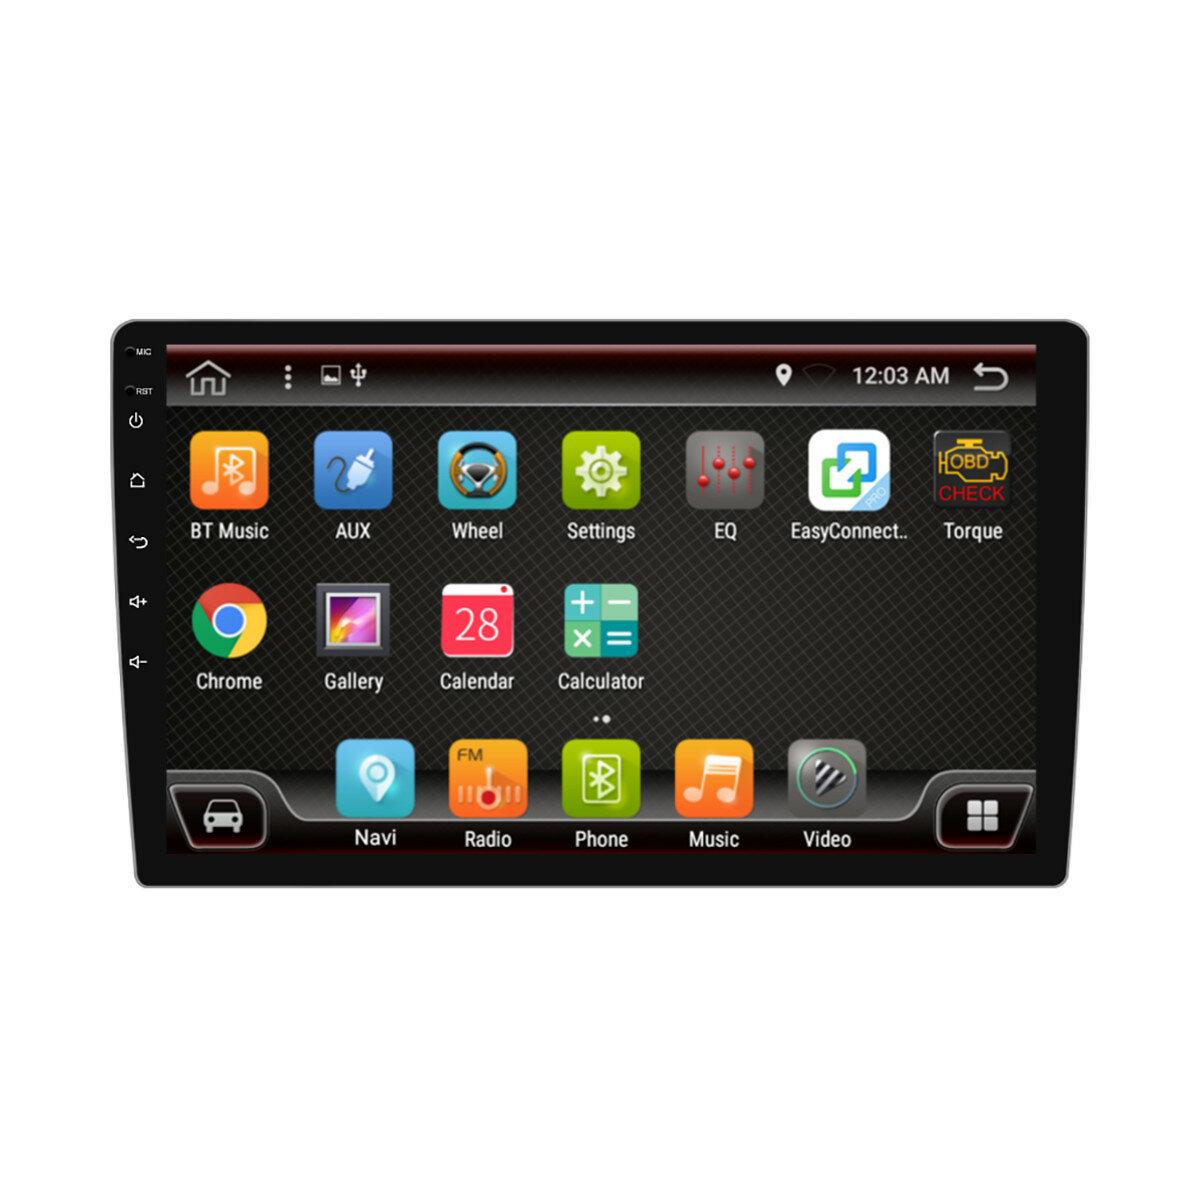 PX6 10.1 इंच 1 डीआईएन 4 + 64 जी एंड्रॉइड 9.0 कार एमपी 5 प्लेयर 8 कोर टच स्क्रीन स्टीरियो GPS ब्लूटूथ आरडीएस एफएम ए